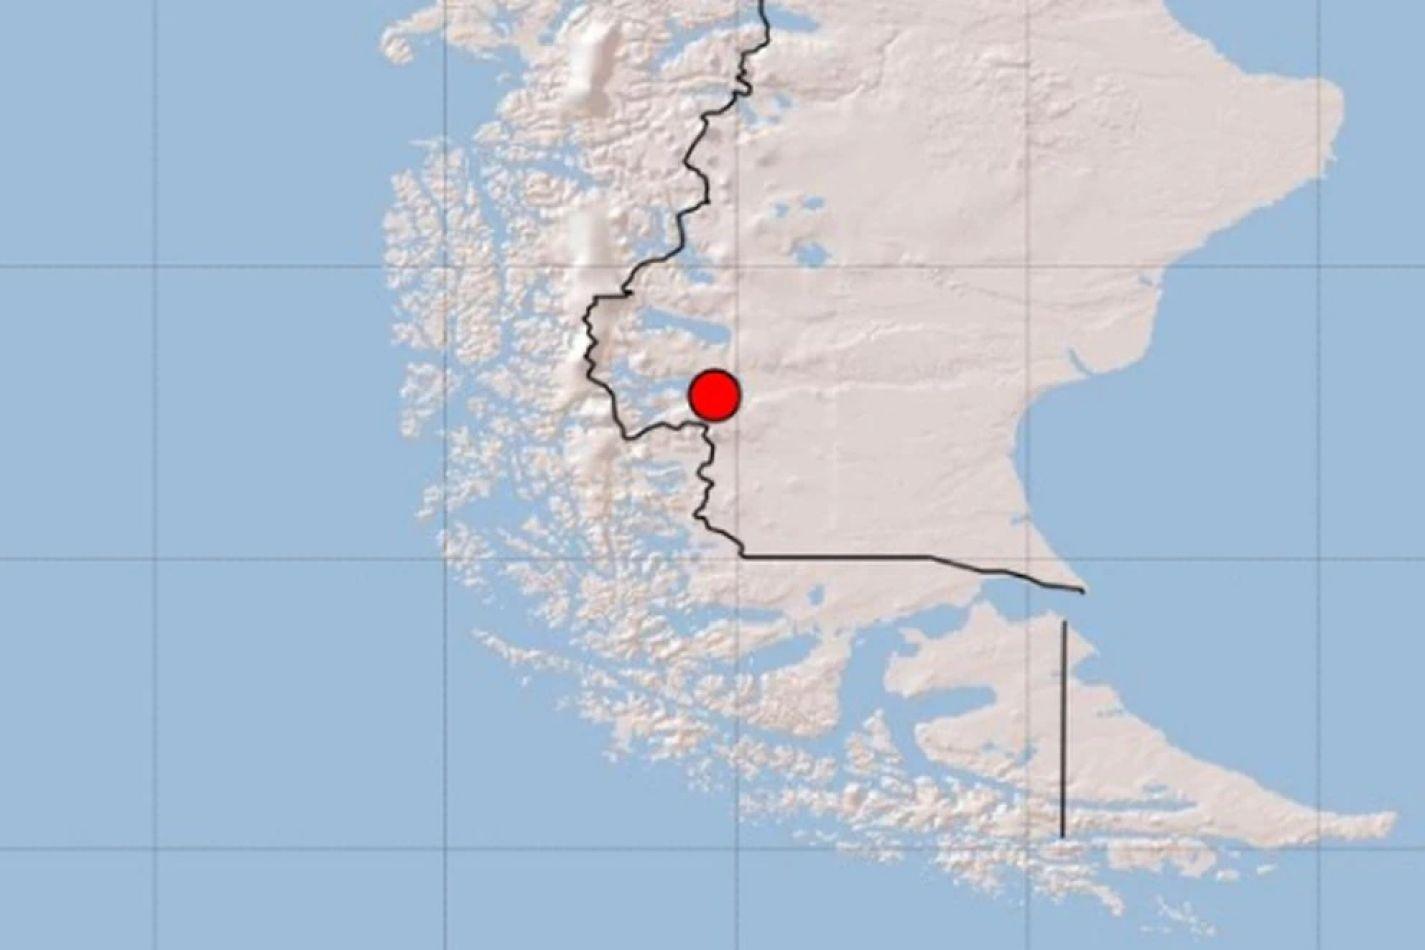 Un sismo de 5,4 grados sacudió a El Calafate